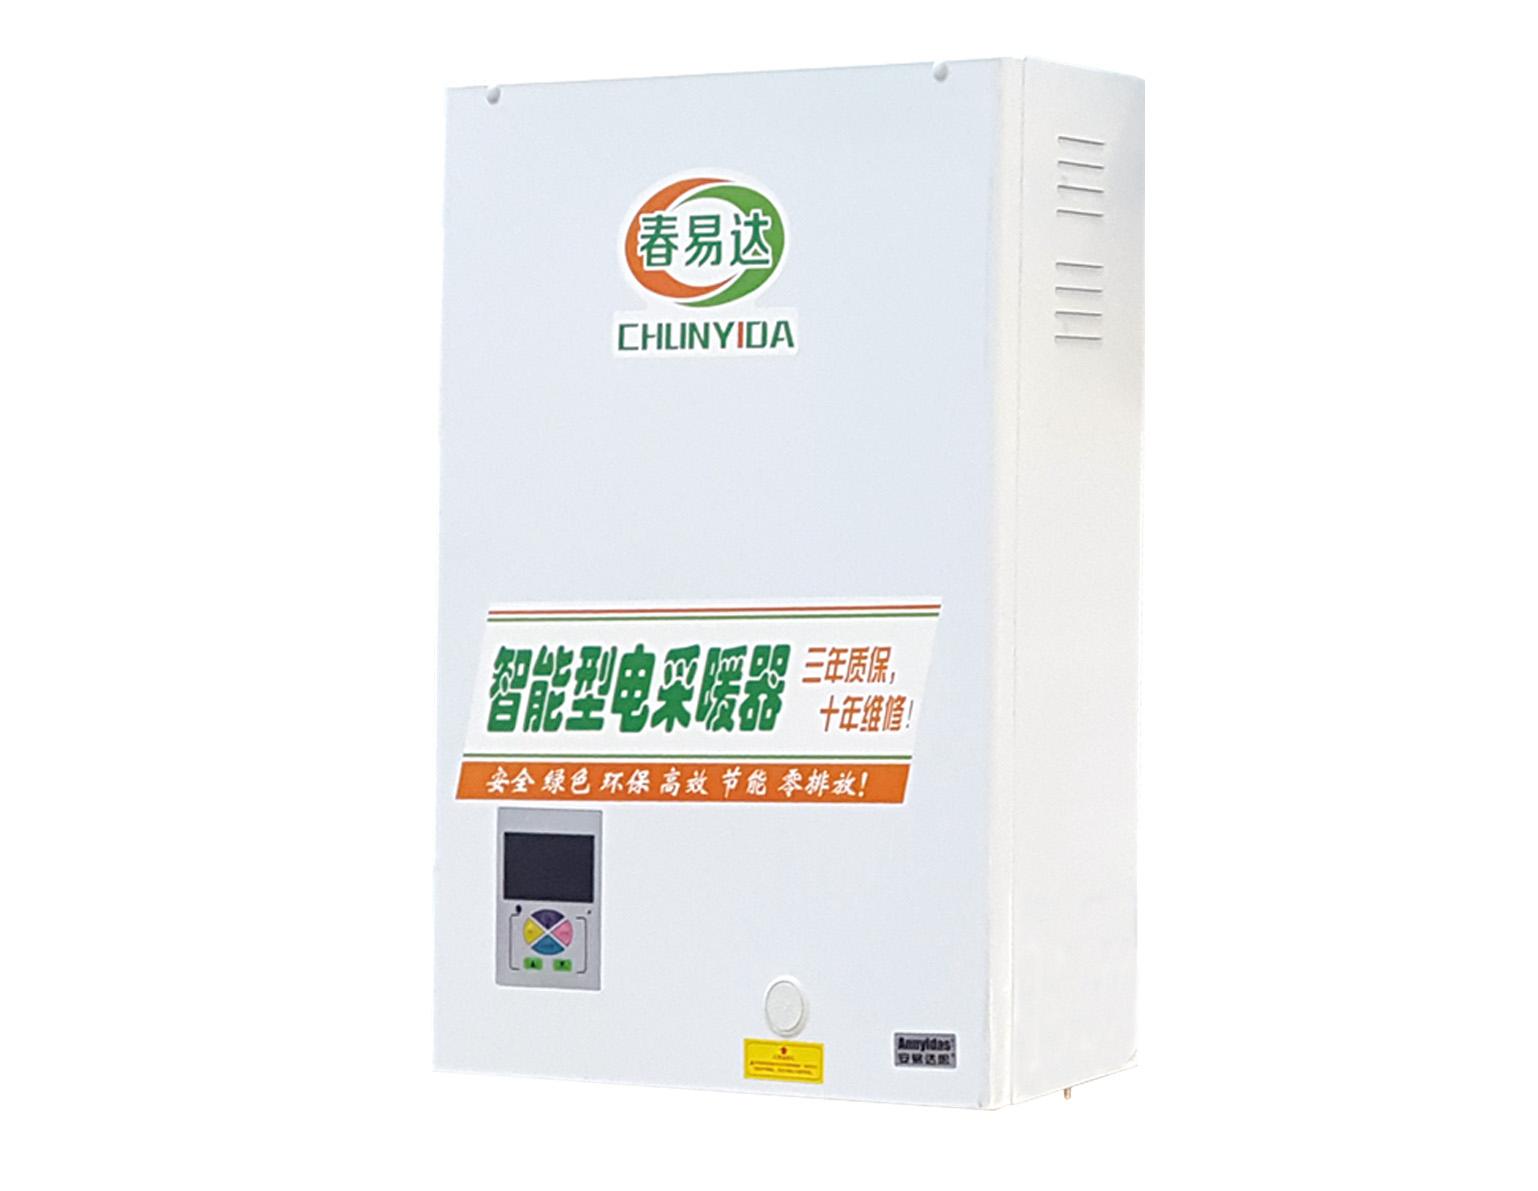 壁挂式智能电采暖器